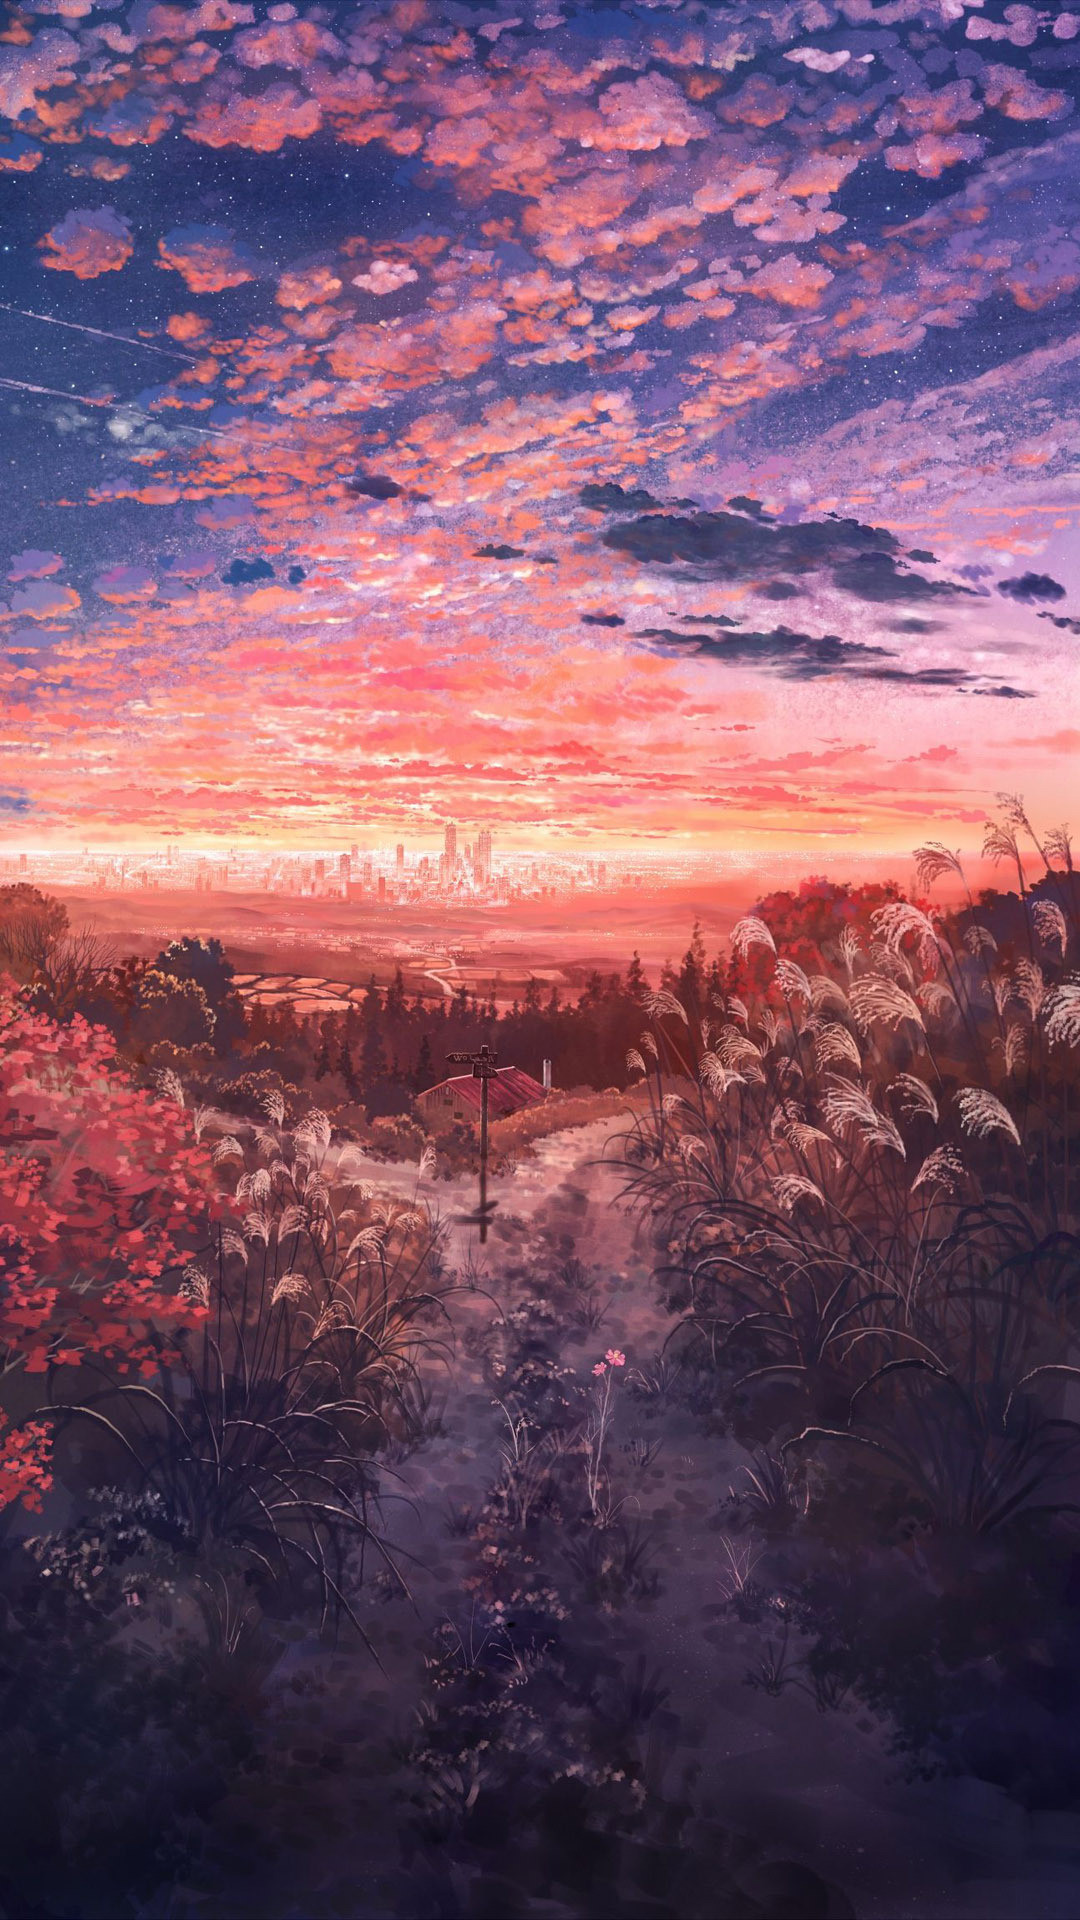 Anime field at dusk